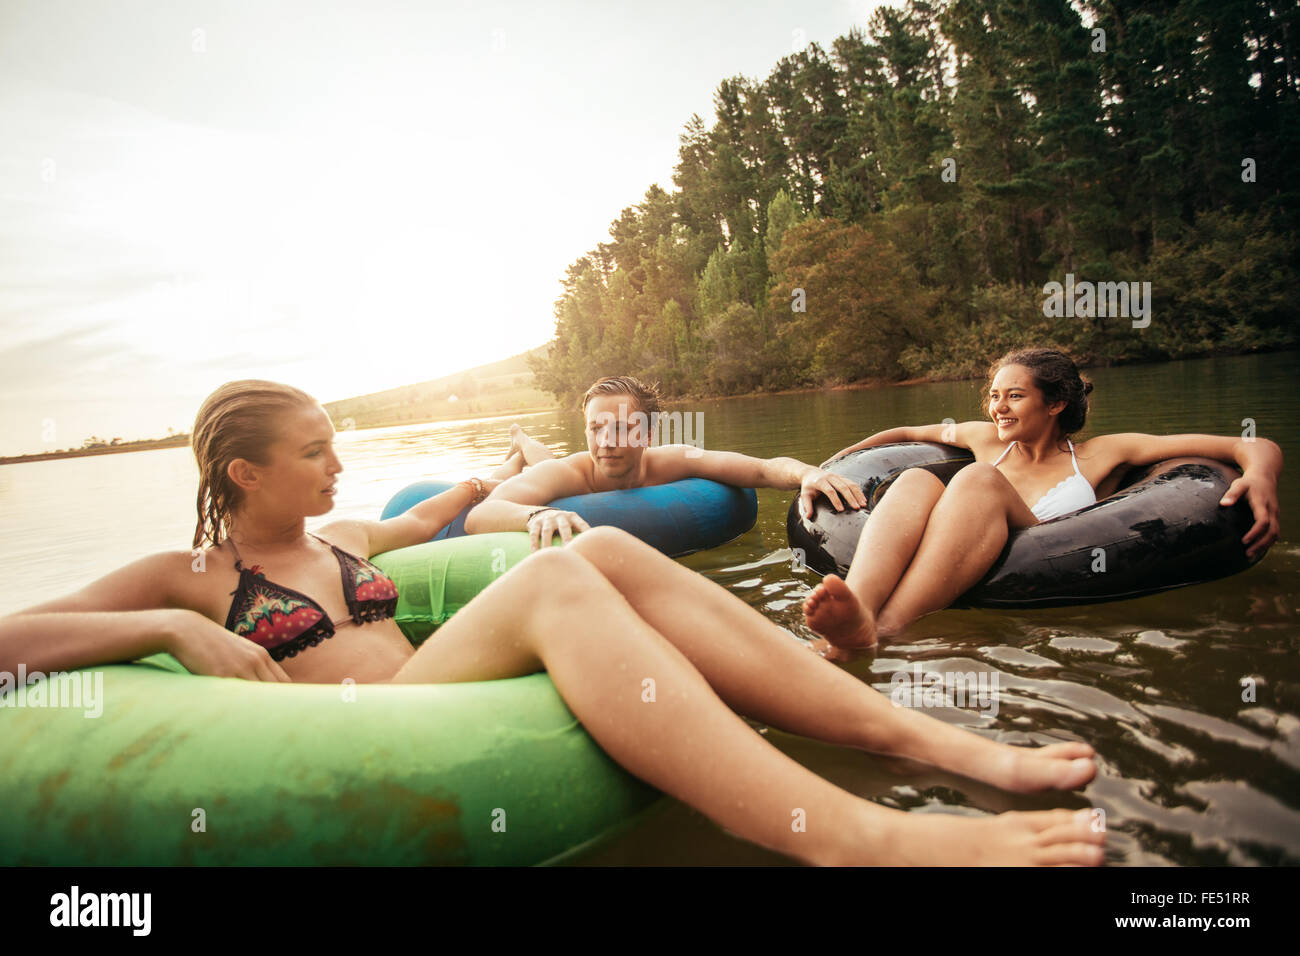 Porträt der jungen Freunde auf See mit aufblasbaren Ringen. Junge Menschen entspannen im Wasser an einem Sommertag. Stockbild